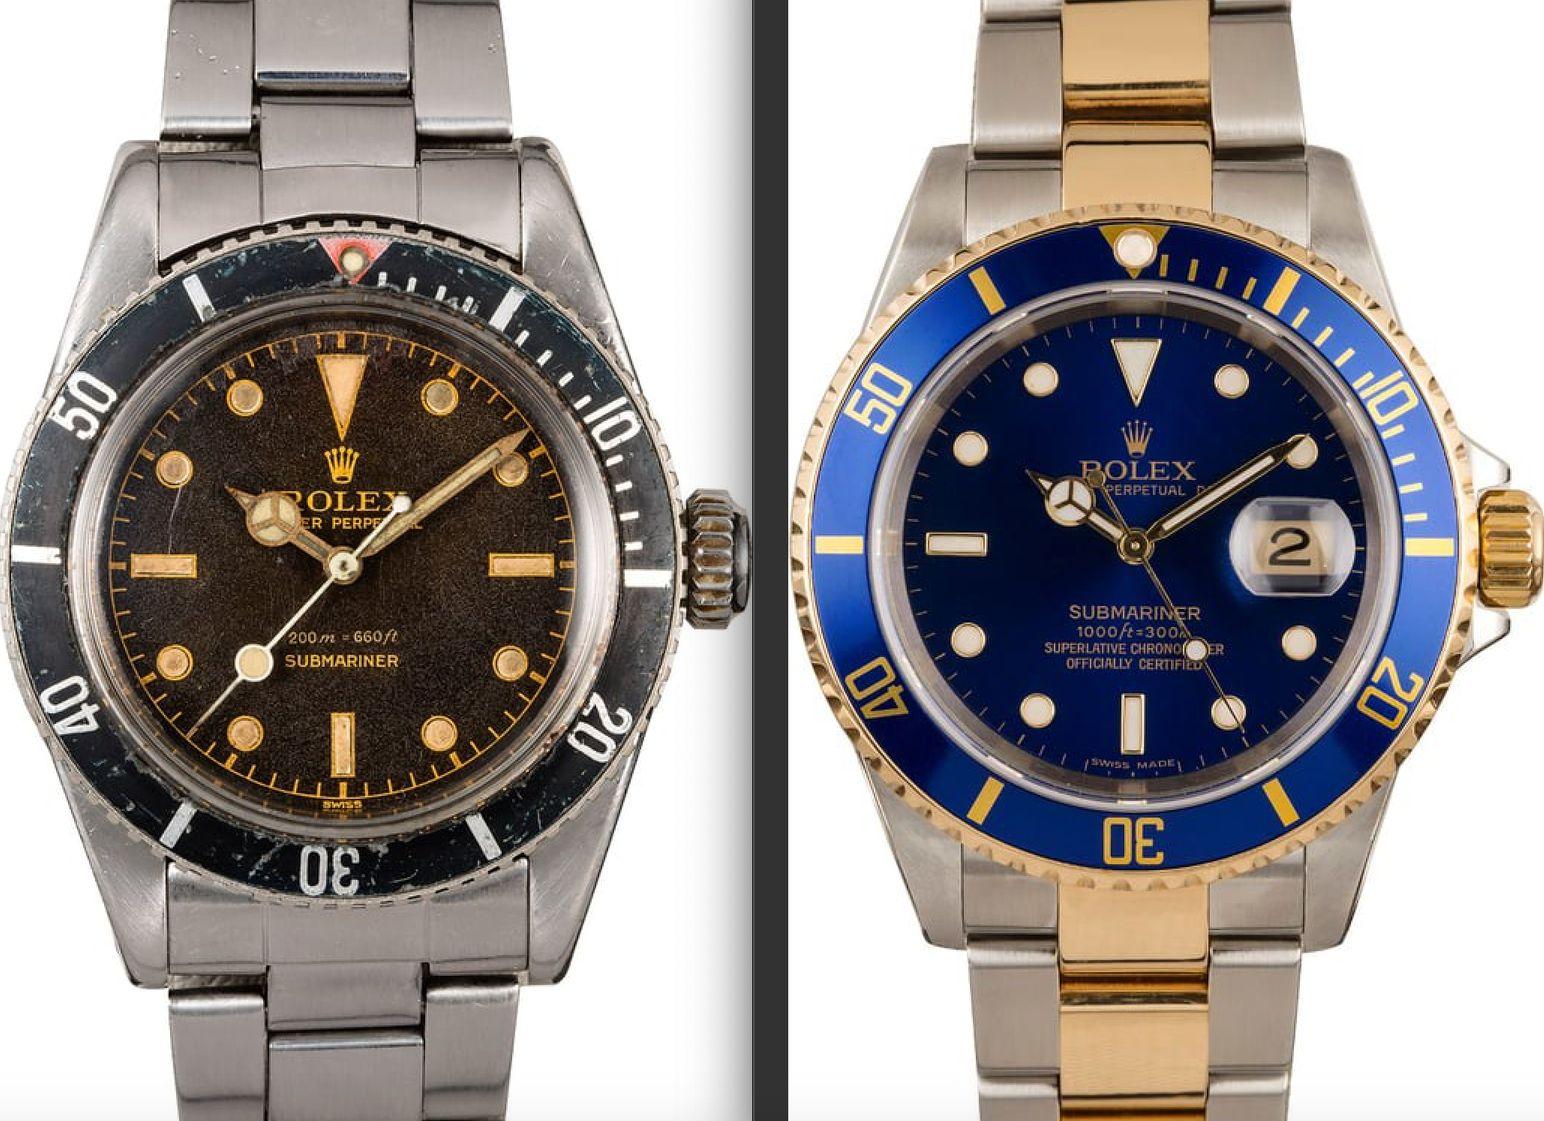 Rolex Submariner value